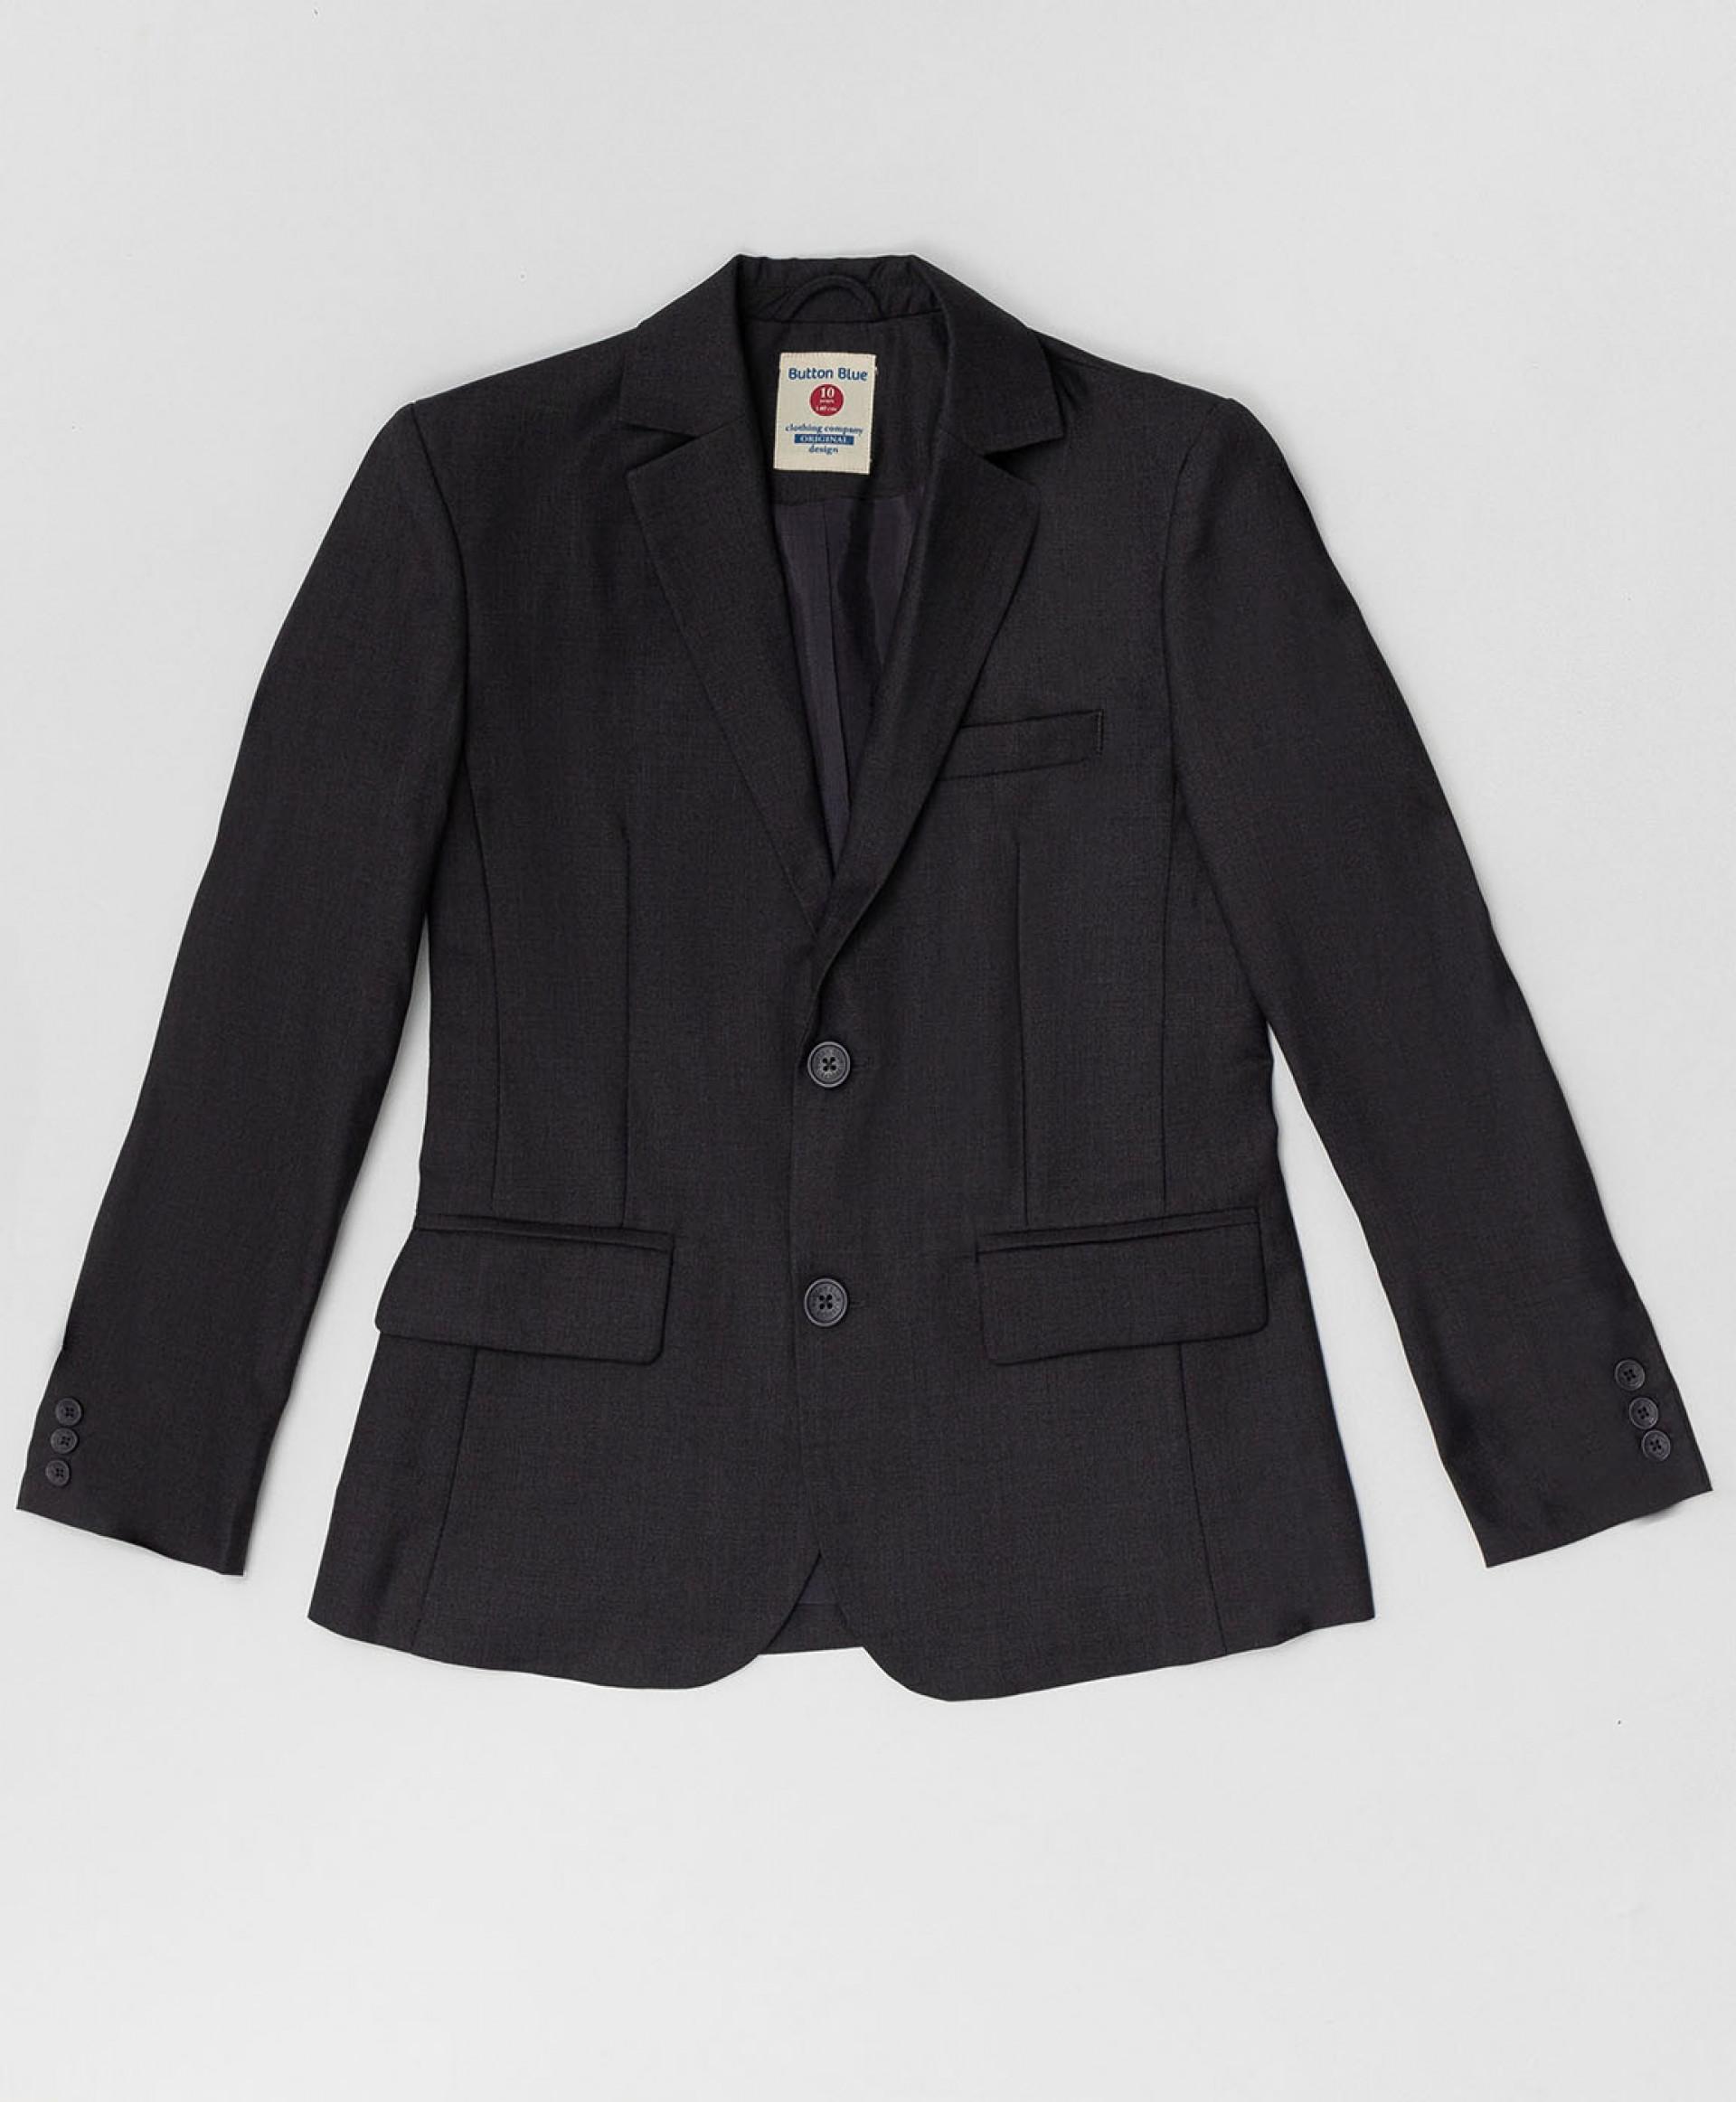 Серый пиджак BUTTON BLUE 220BBBS48010100, размер 134,  - купить со скидкой